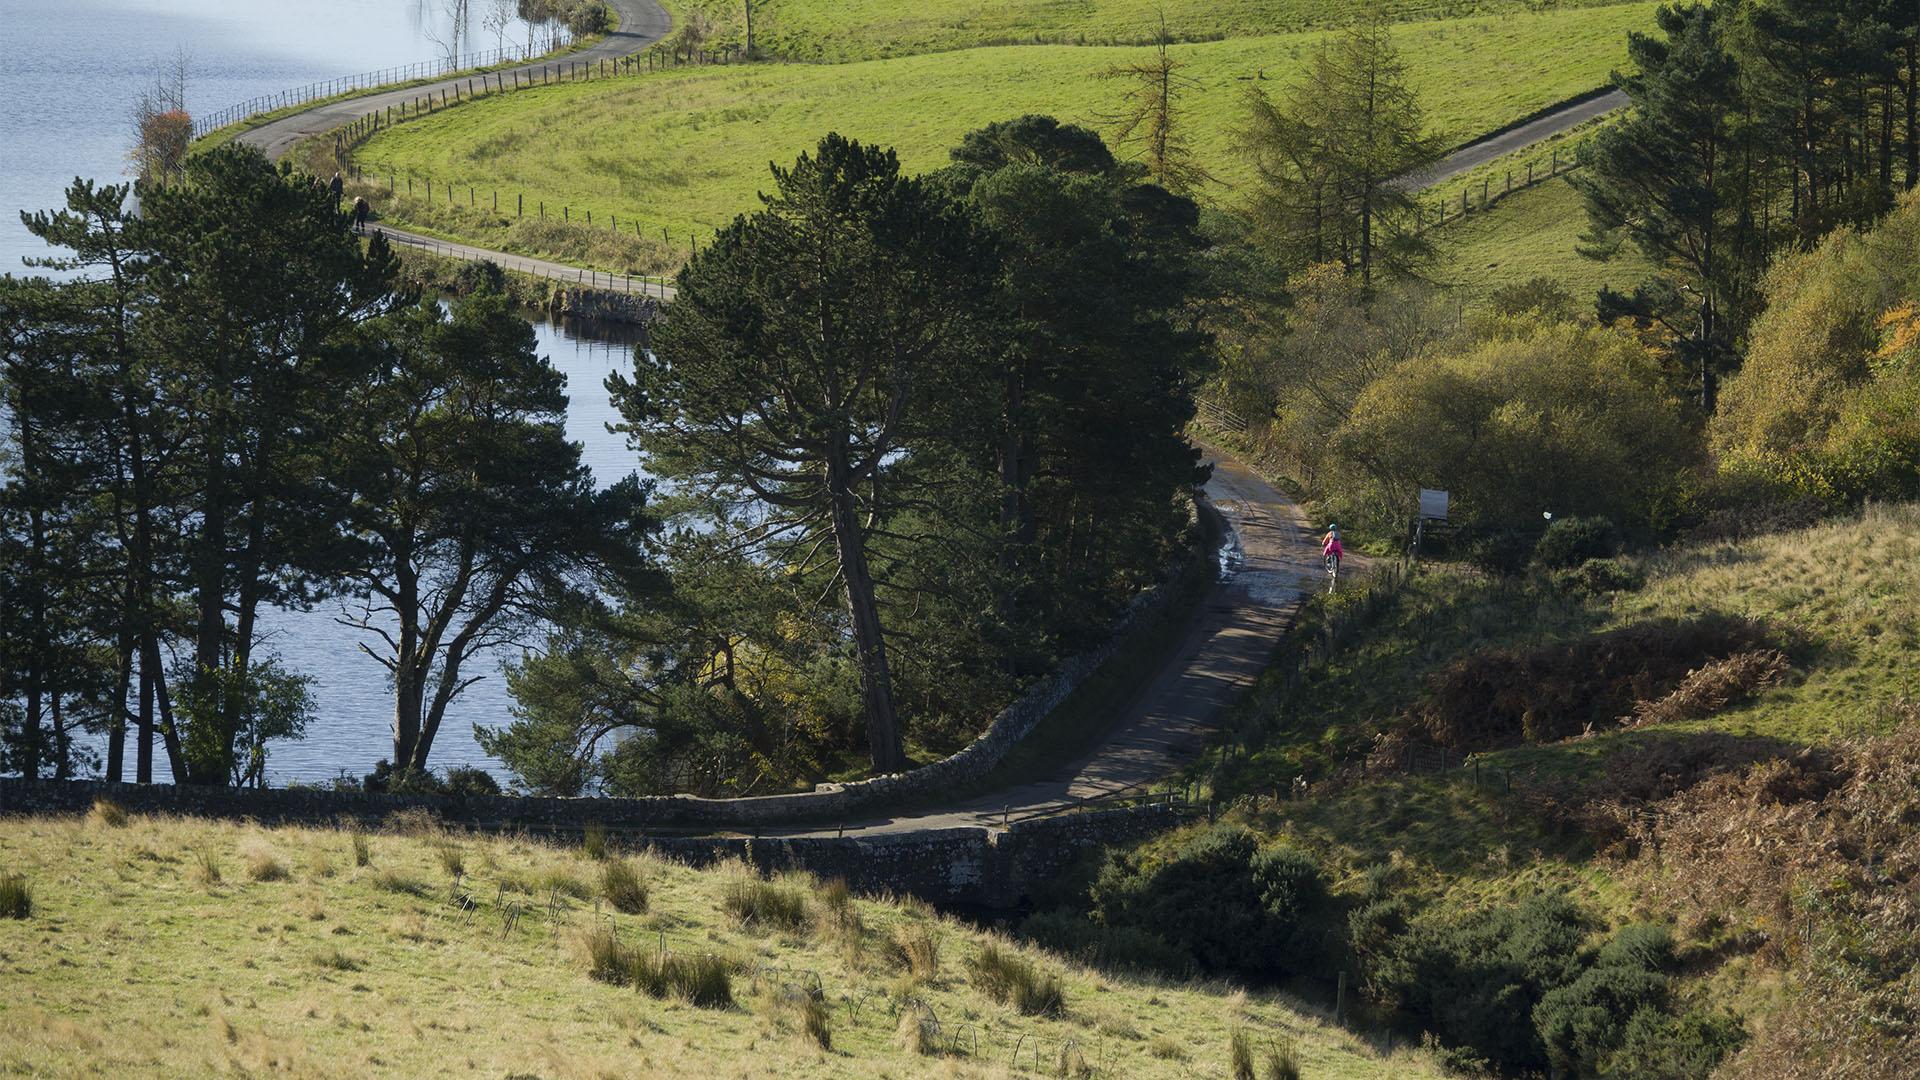 Castlelaw20191028-Glen Road